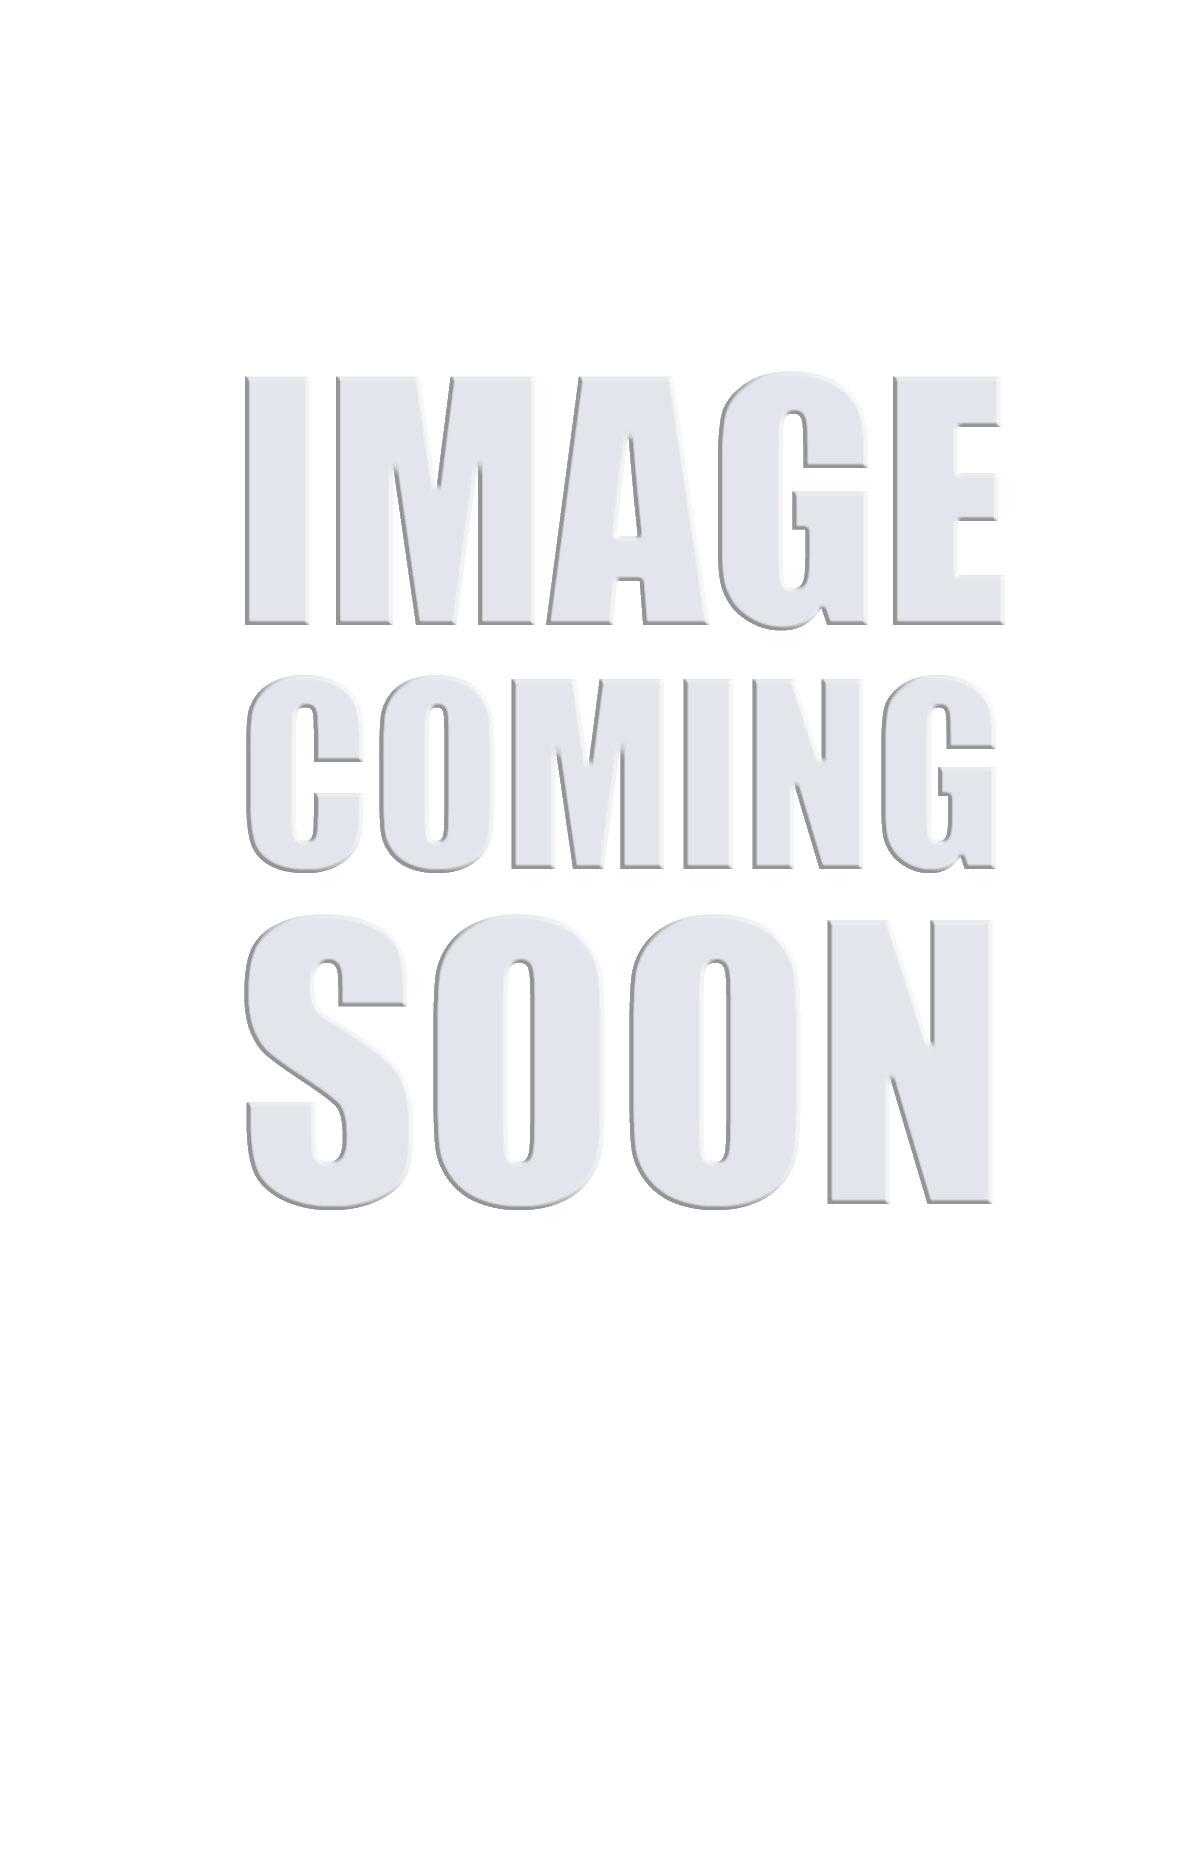 Tangential Discharge Vacuum Motor - Lamb #119412-13, BPT, B/B, AS, G2K, 2 STG